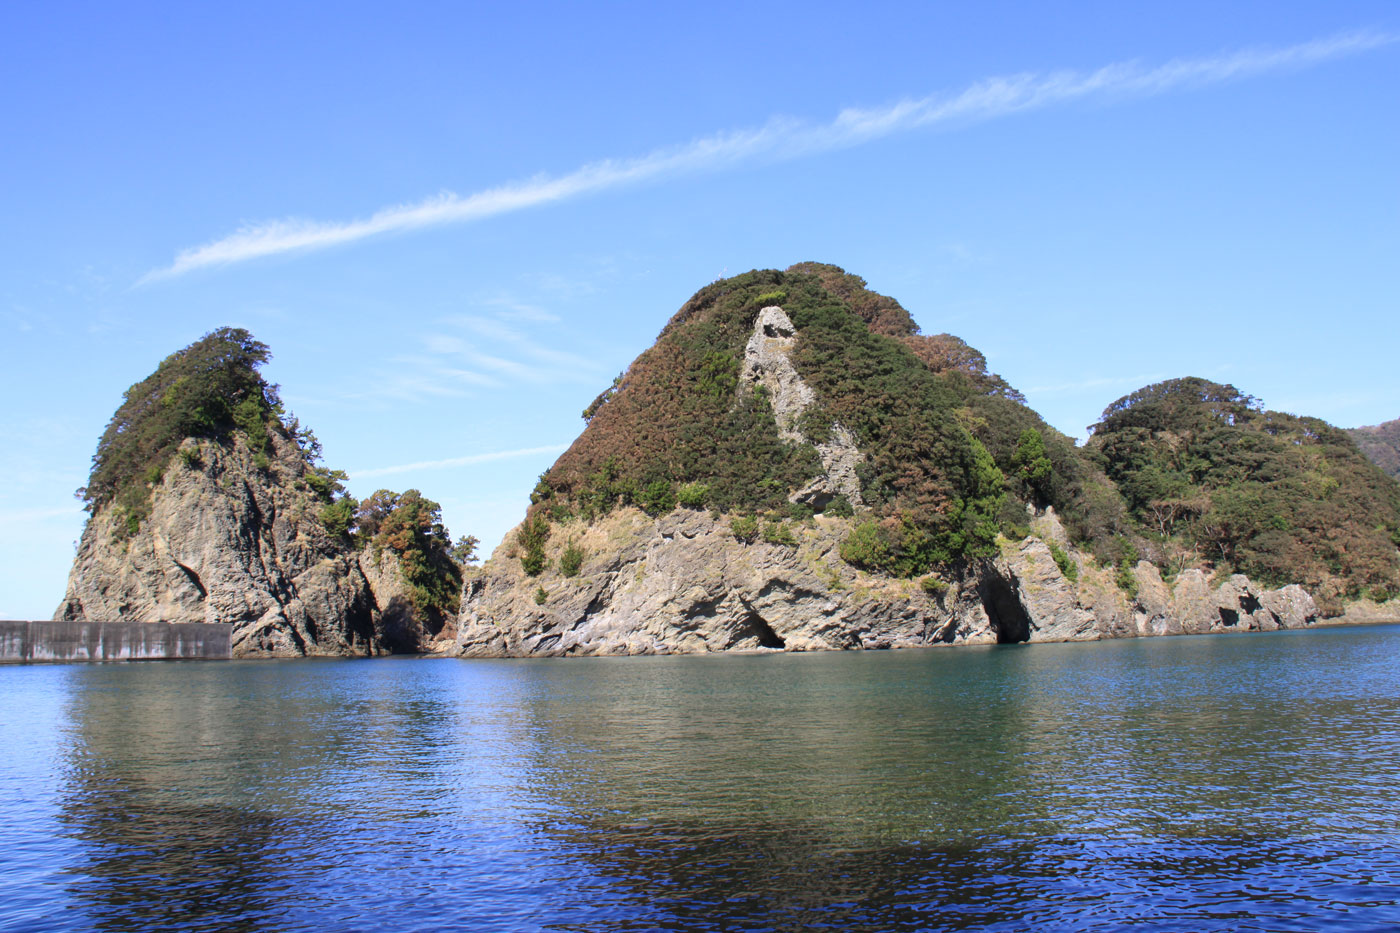 田子の岩礁